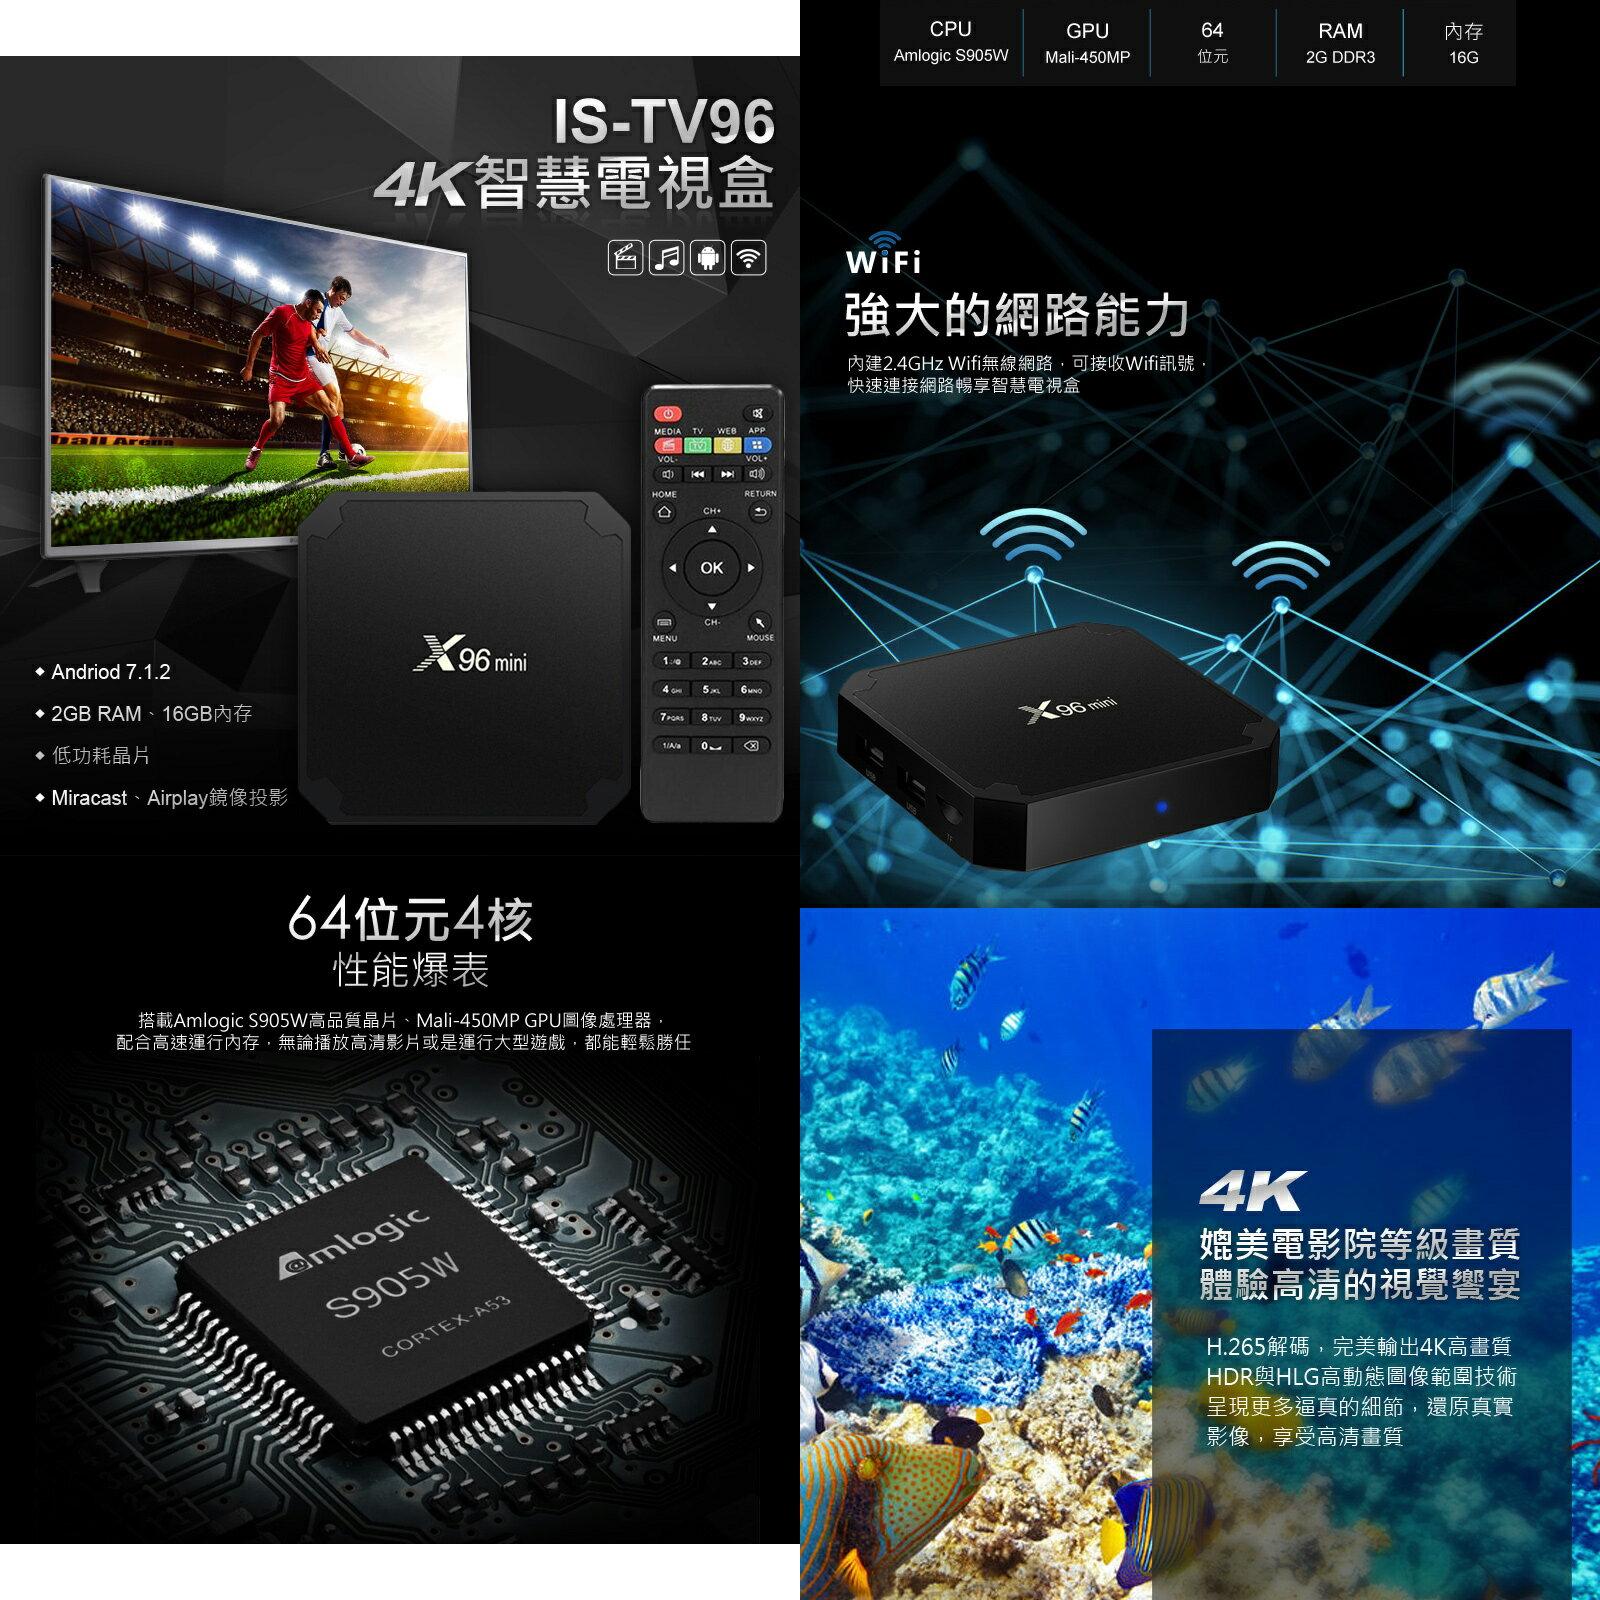 IS-TV96 4K智慧電視盒 4K高畫質 HDMI/AV